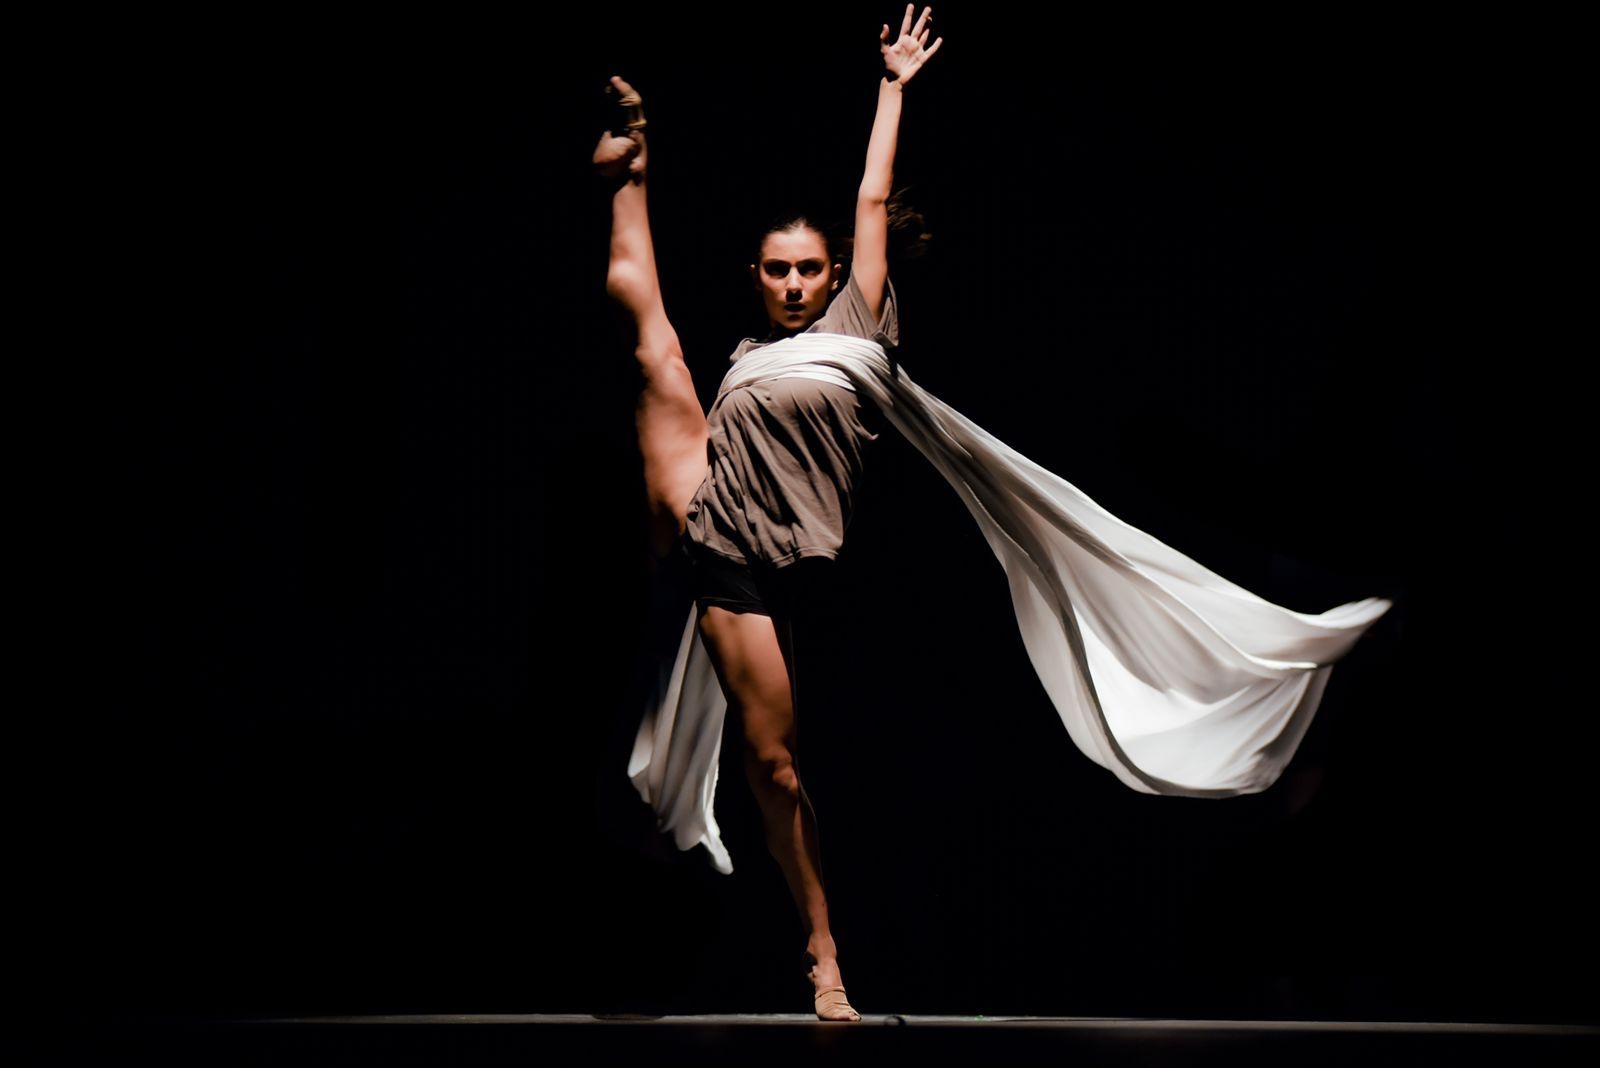 Hombres Danza Contemporánea busca romper esquemas en la escena de Monterrey